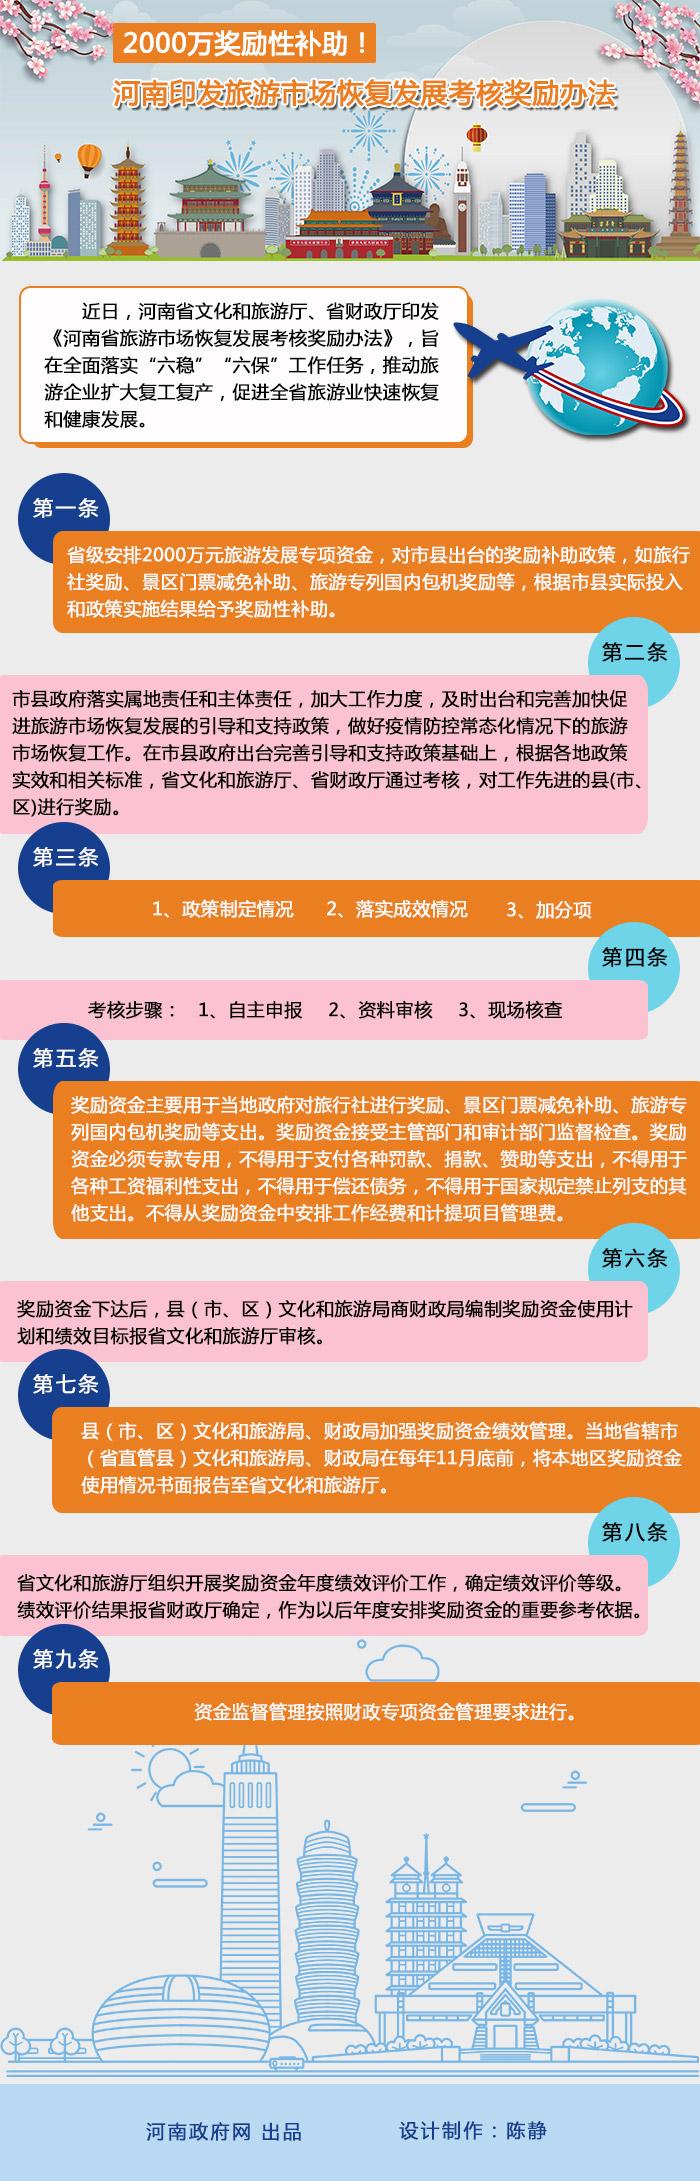 图解:河南省旅游市场恢复发展考核奖励办法